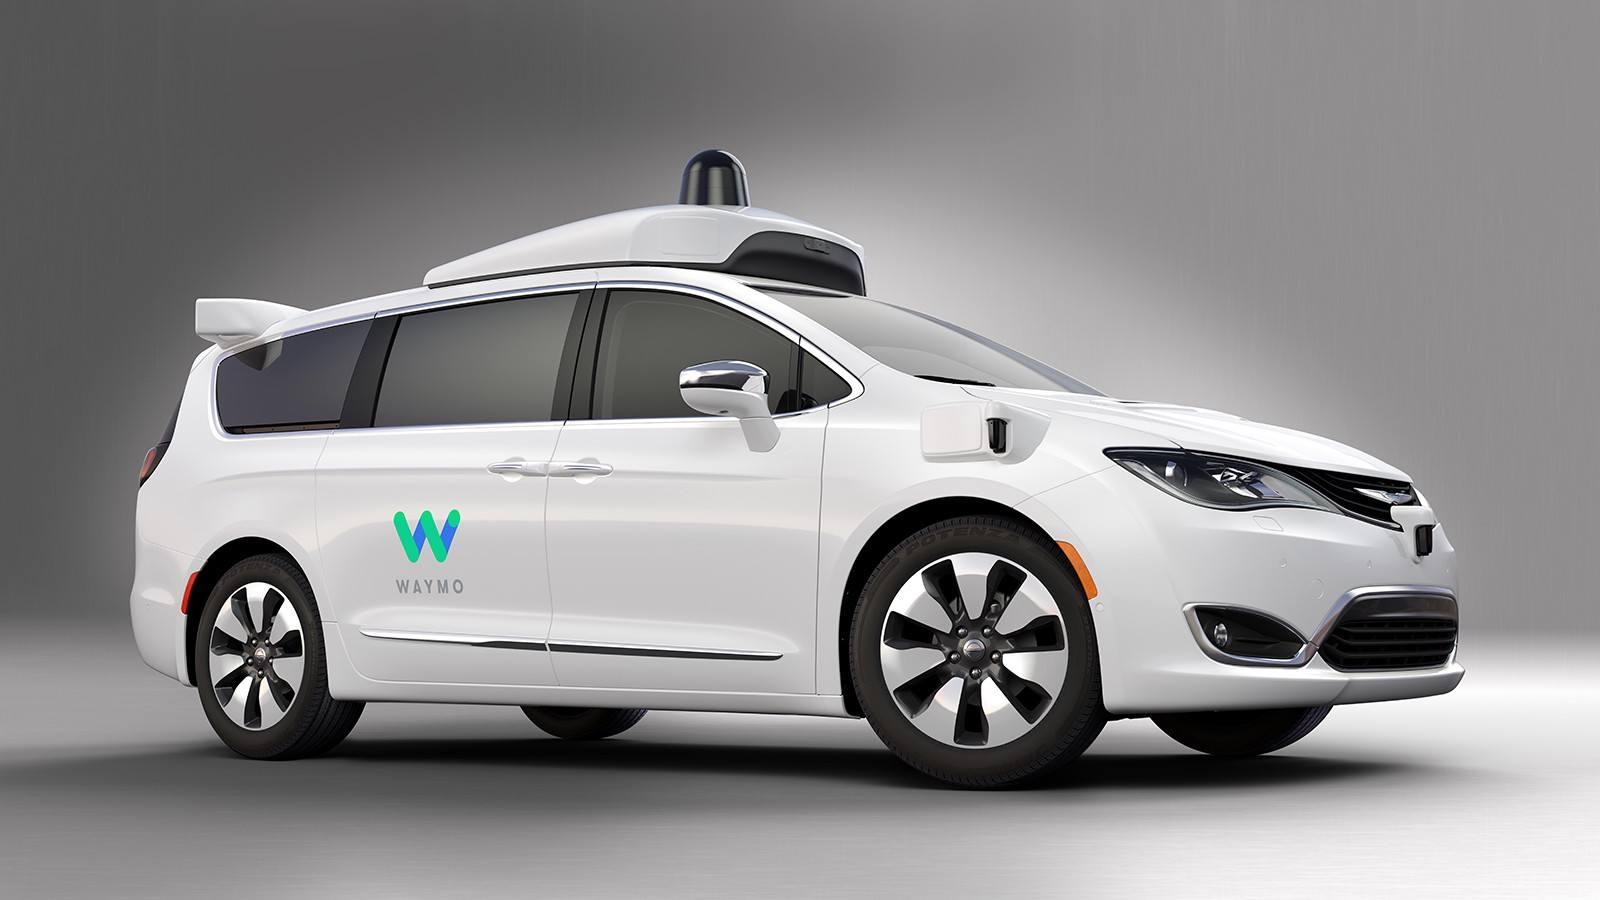 Waymo de Google en pruebas con coches de Chrysler